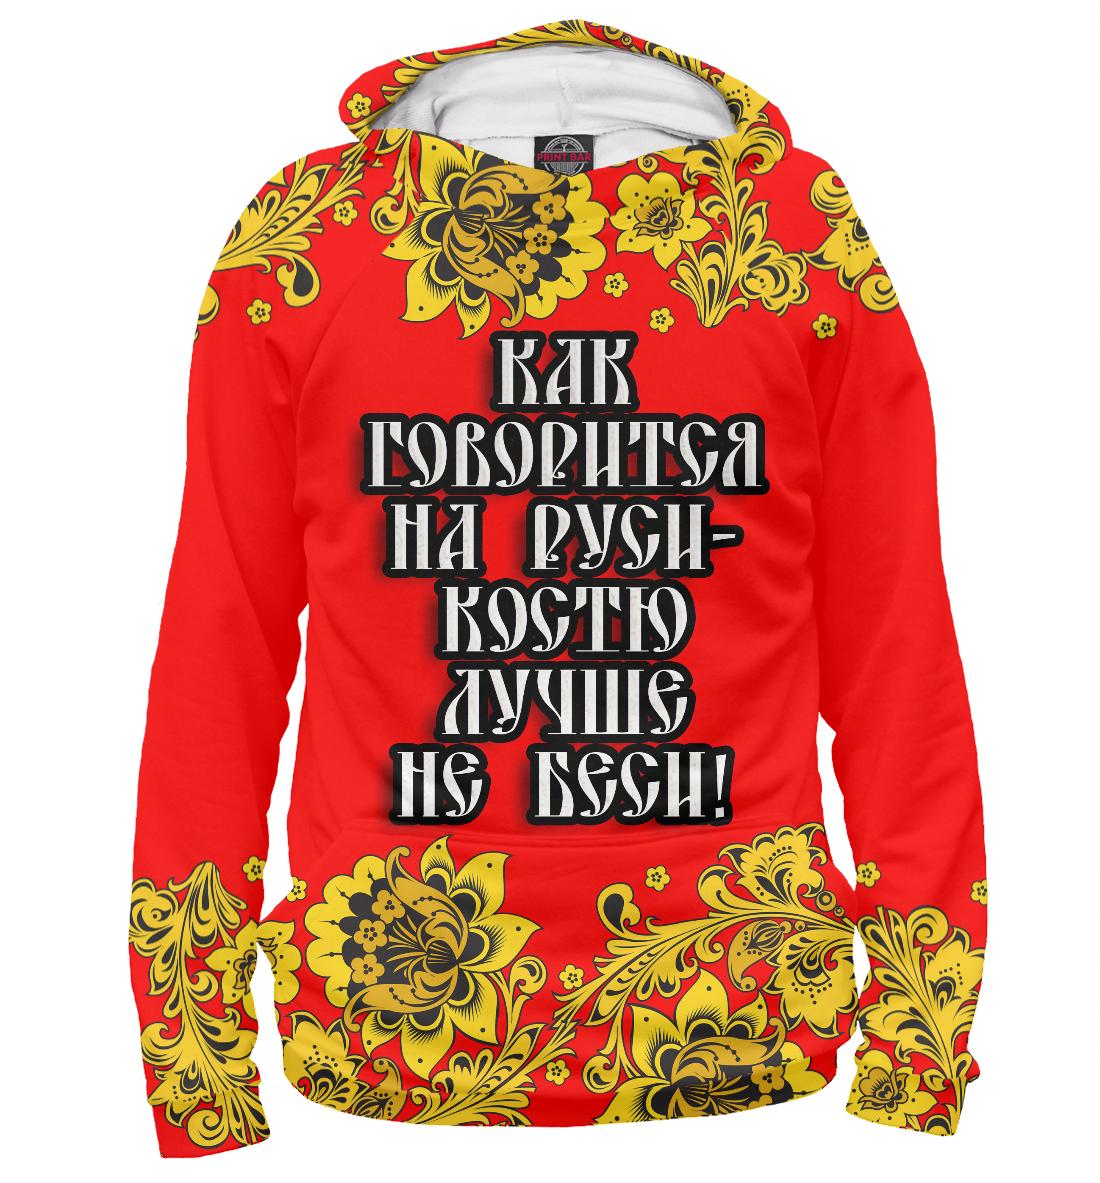 Купить Костю лучше не беси, Printbar, Худи, KST-149637-hud-1